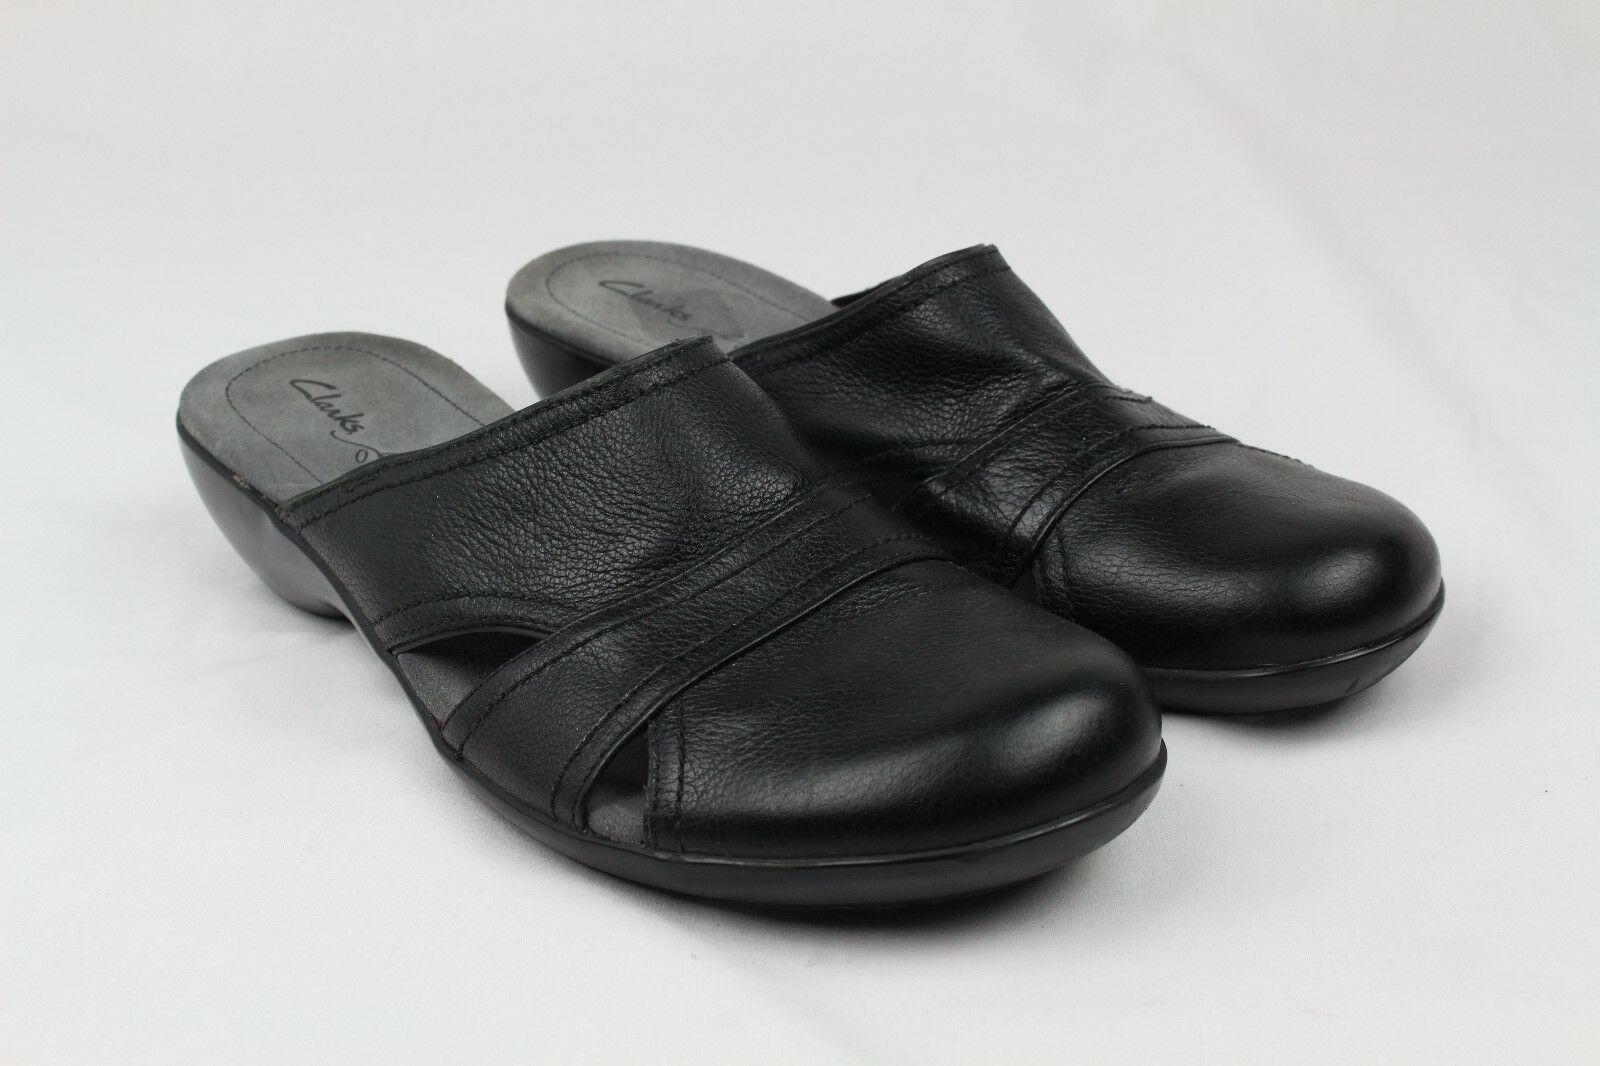 Clarks Doux coussin Noir Sandales Mules Cuir Sabots Taille 10 m (OBO)